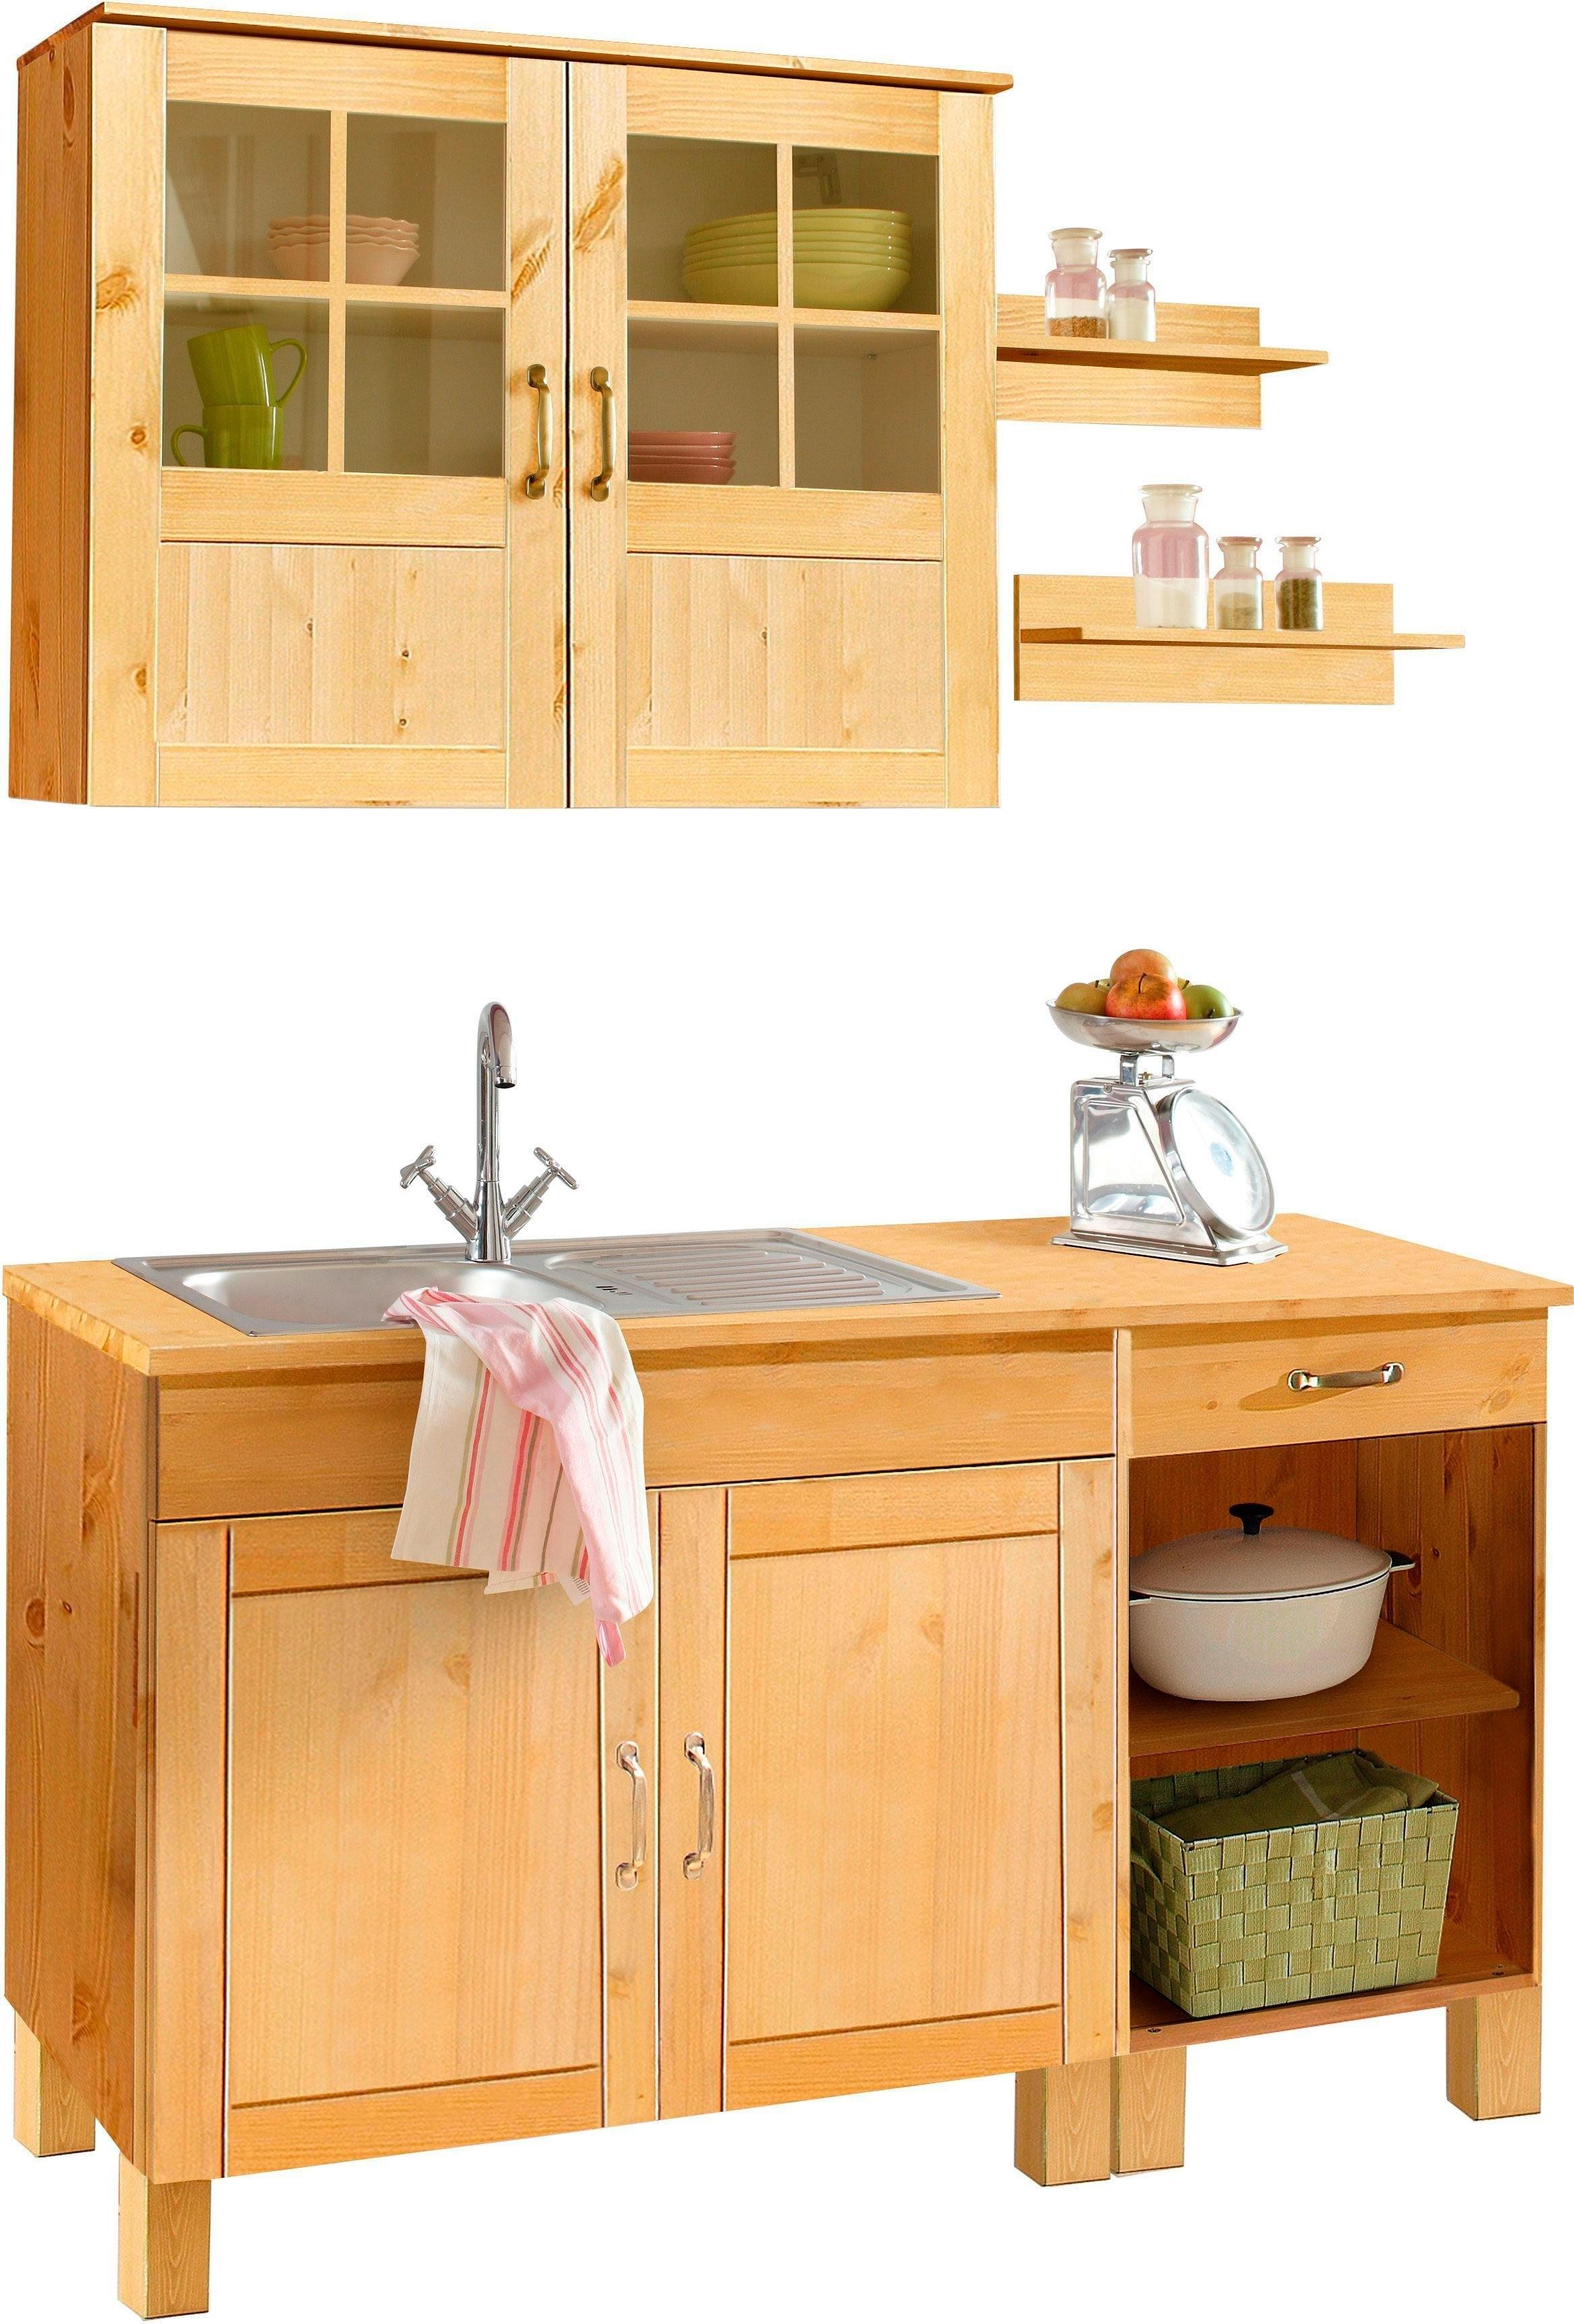 Op zoek naar een Home Affaire Keukenblok »Alby« breedte 150 cm? Koop online bij OTTO